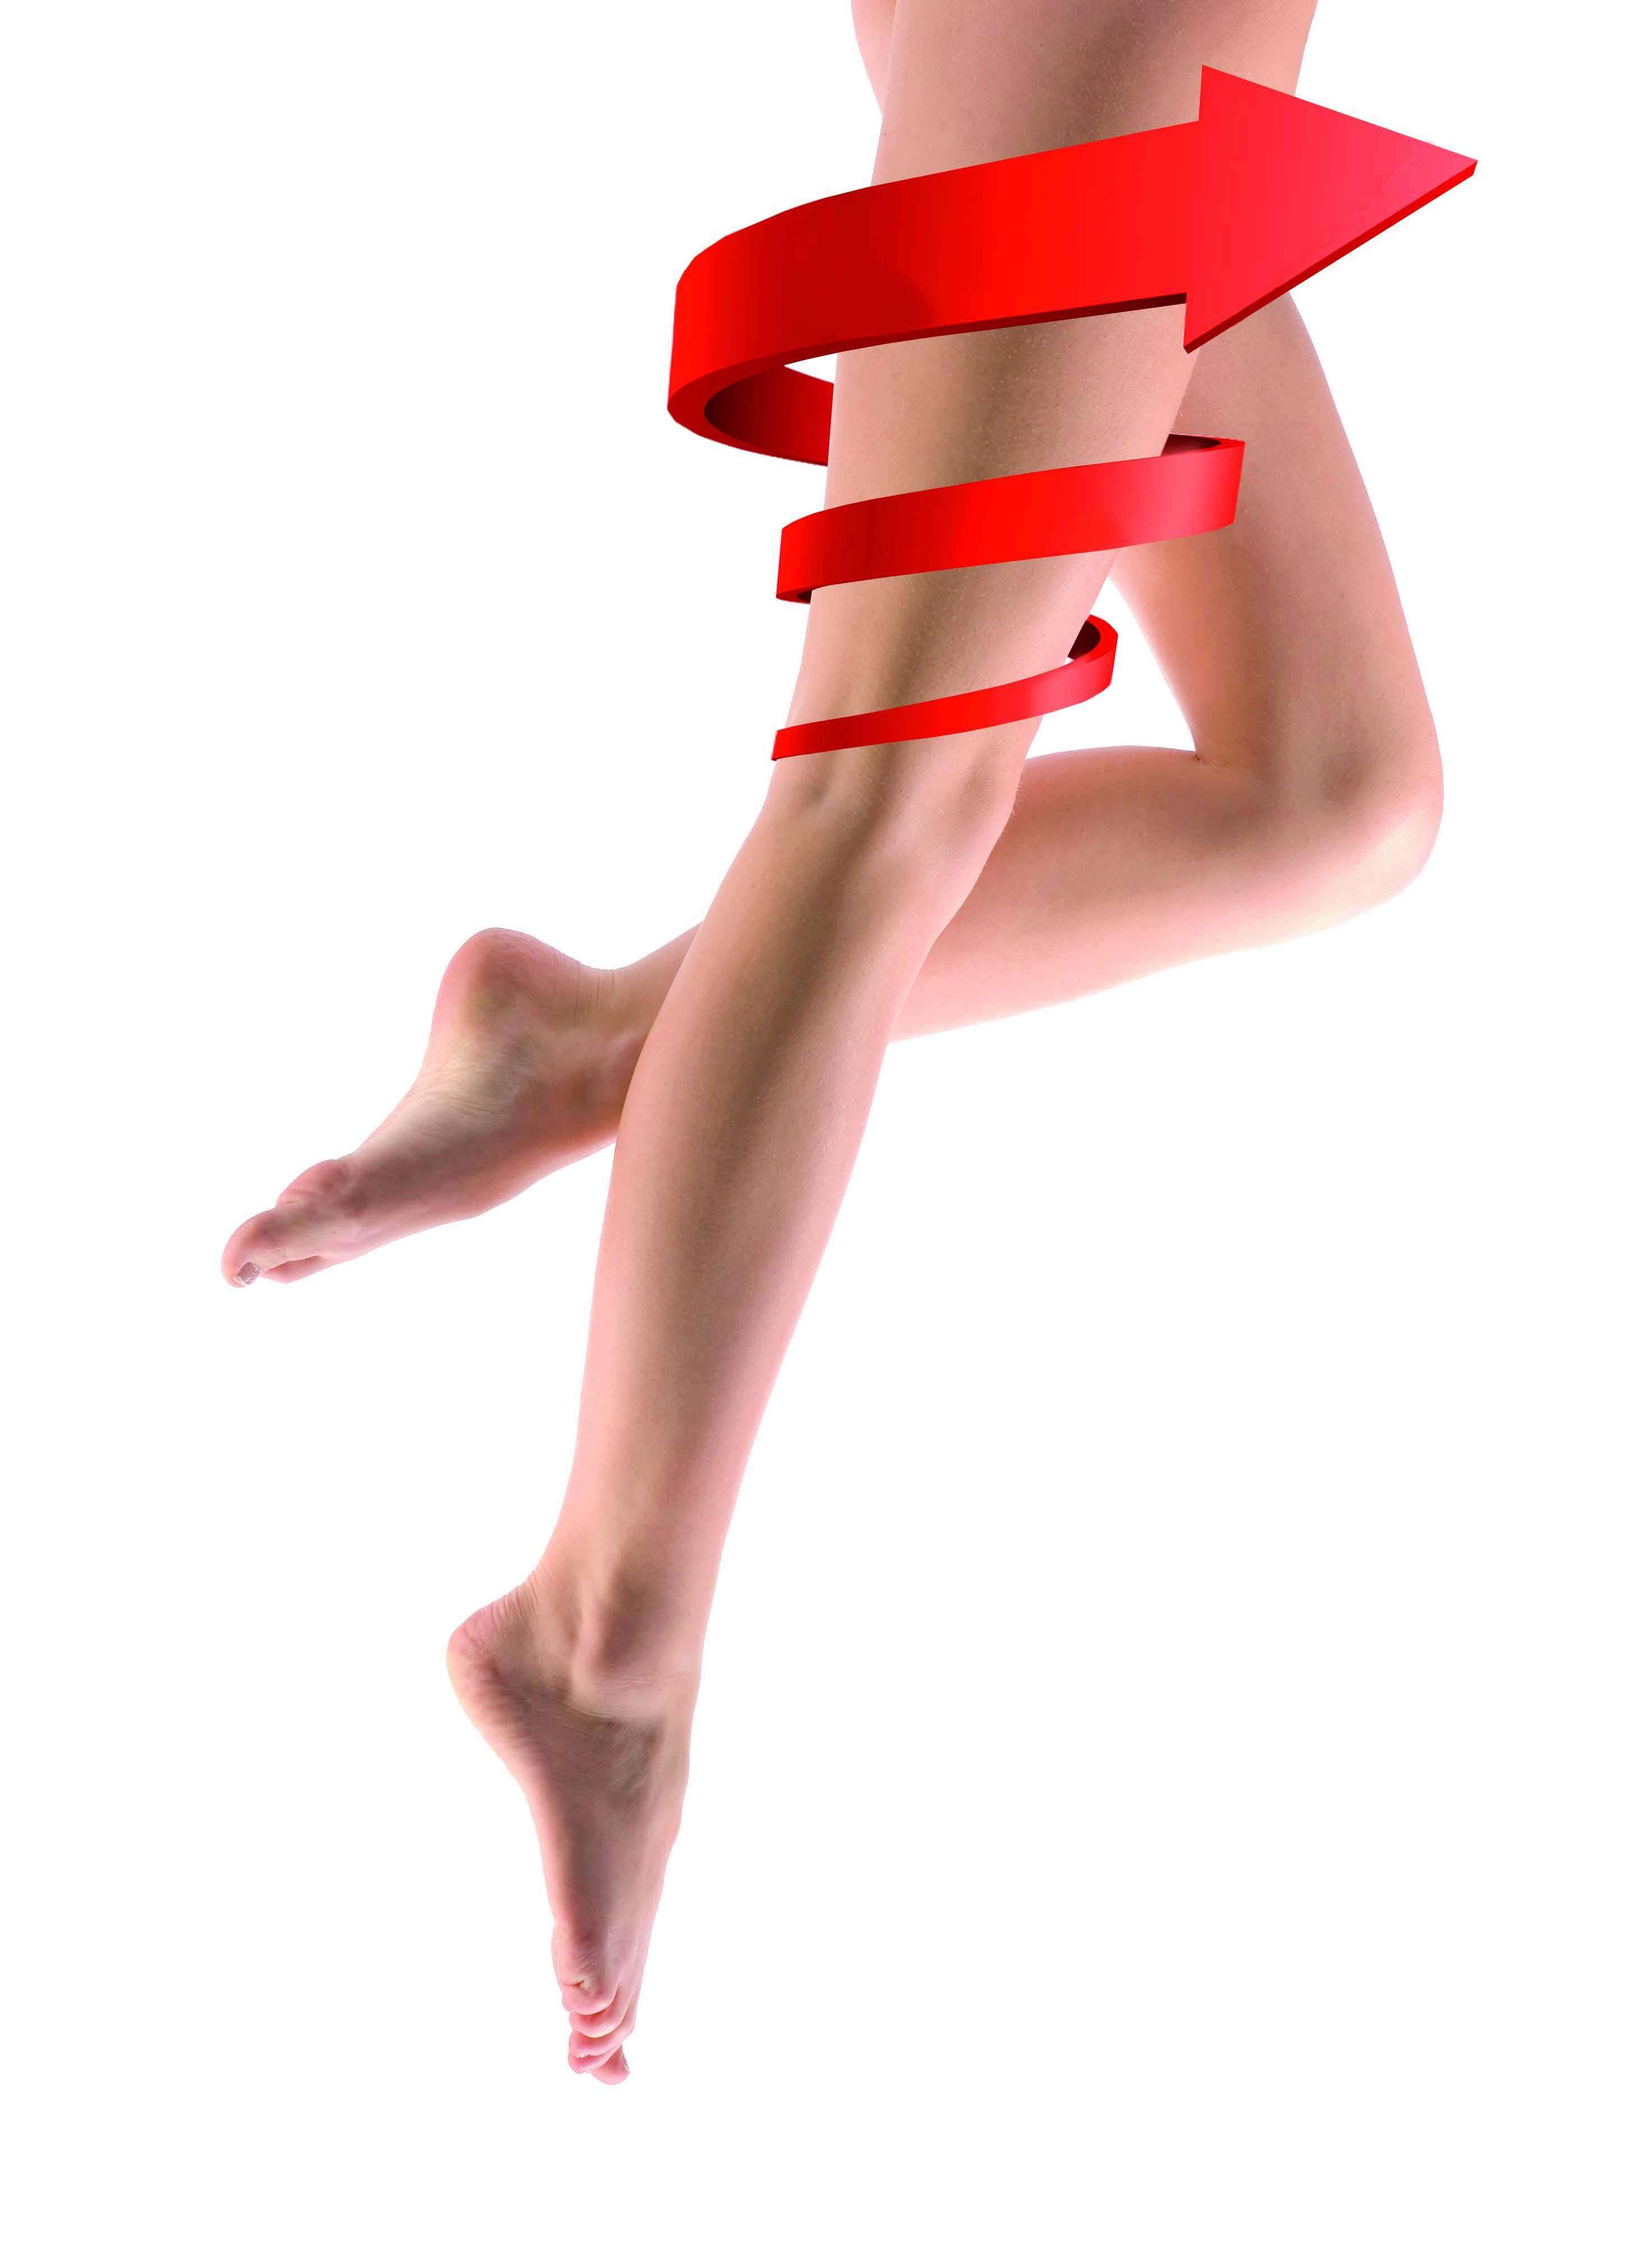 Prodotti cosmetici snellenti per corpo